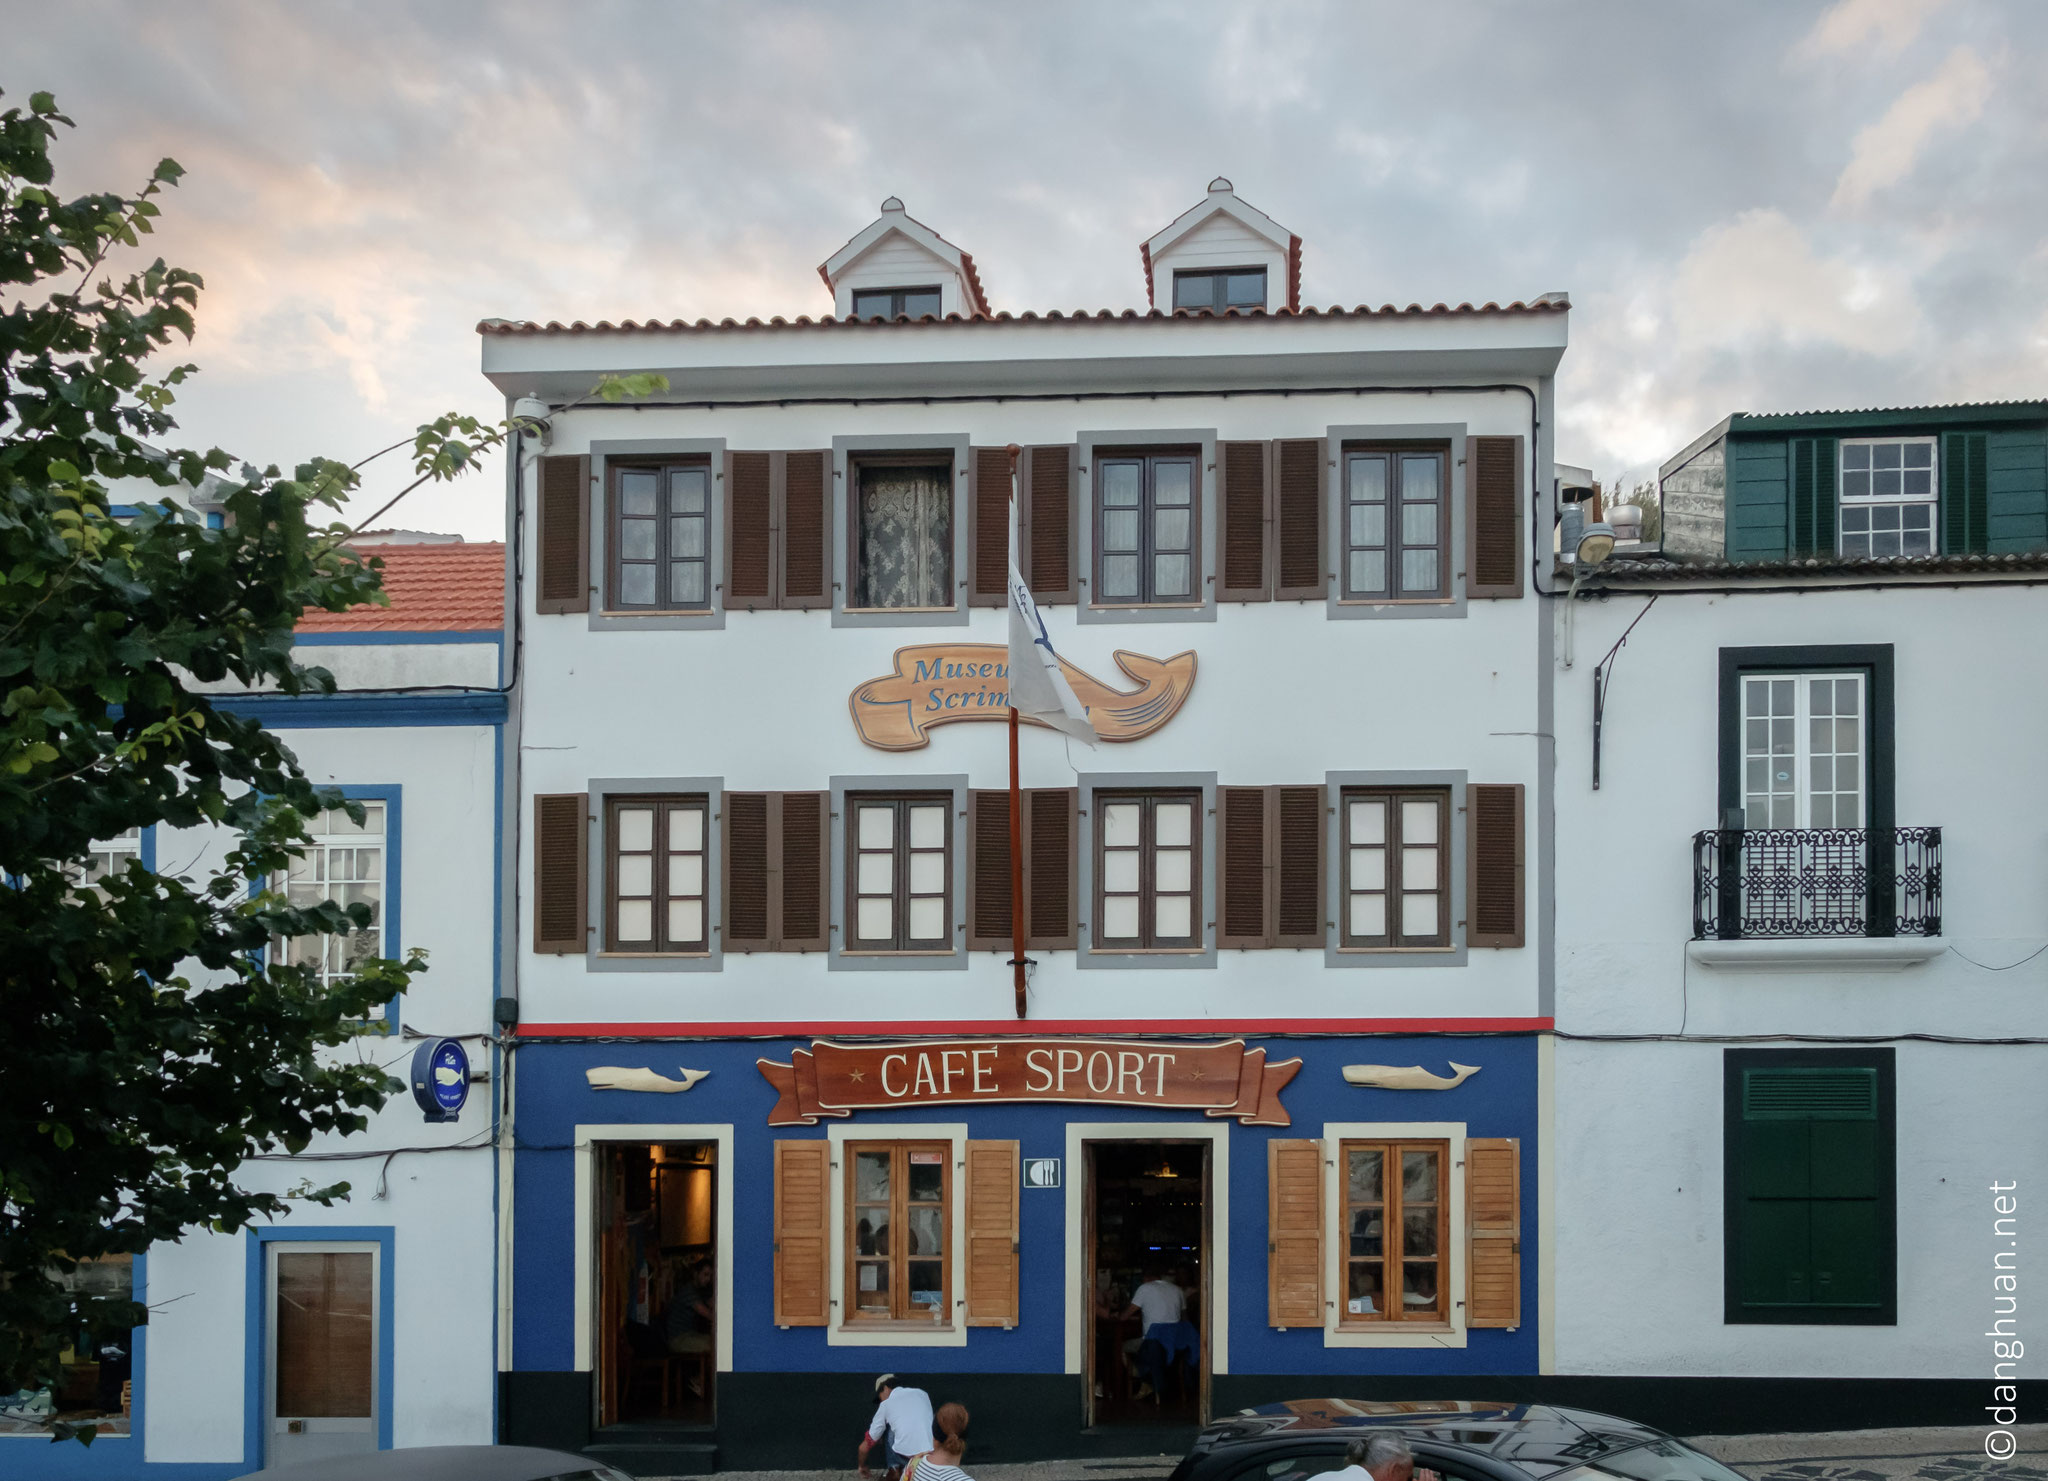 Peter Café sport - Horta - le lieu de rendez-vous des marins